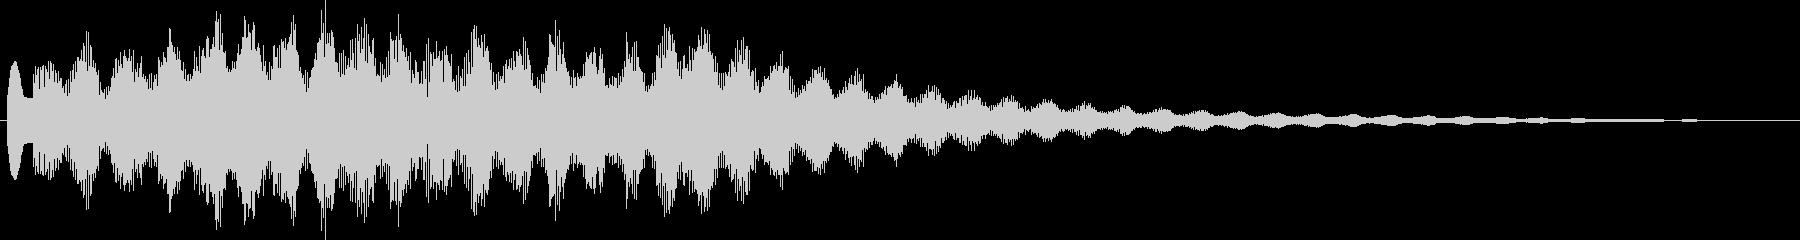 ビブラフォン:タイムトゥドリームメ...の未再生の波形